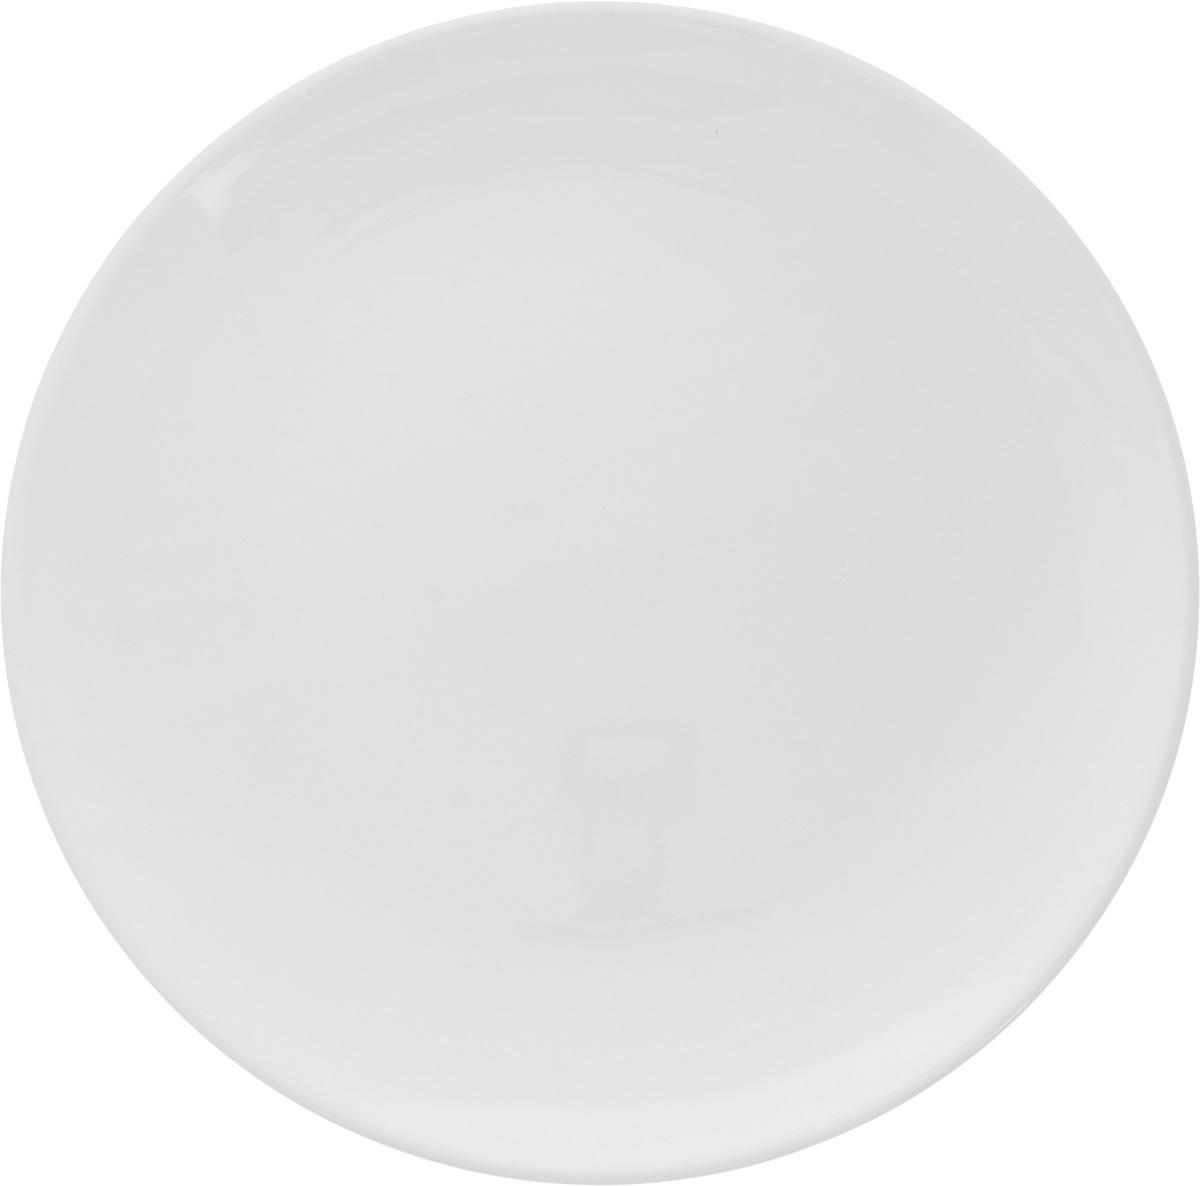 Тарелка Ariane Коуп, диаметр 21 см. AVCARN11021VT-1520(SR)Тарелка Ariane Коуп, изготовленная из высококачественного фарфора, имеет классическую круглую форму без полей. Такая тарелка отлично подойдет в качестве блюда для закусок и нарезок, а также для подачи различных десертов. Изделие прекрасно впишется в интерьер вашей кухни и станет достойным дополнением к кухонному инвентарю. Тарелка Ariane Коуп подчеркнет прекрасный вкус хозяйки и станет отличным подарком.Можно мыть в посудомоечной машине и использовать в микроволновой печи. Высота: 2,5 см.Диаметр тарелки: 21 см.